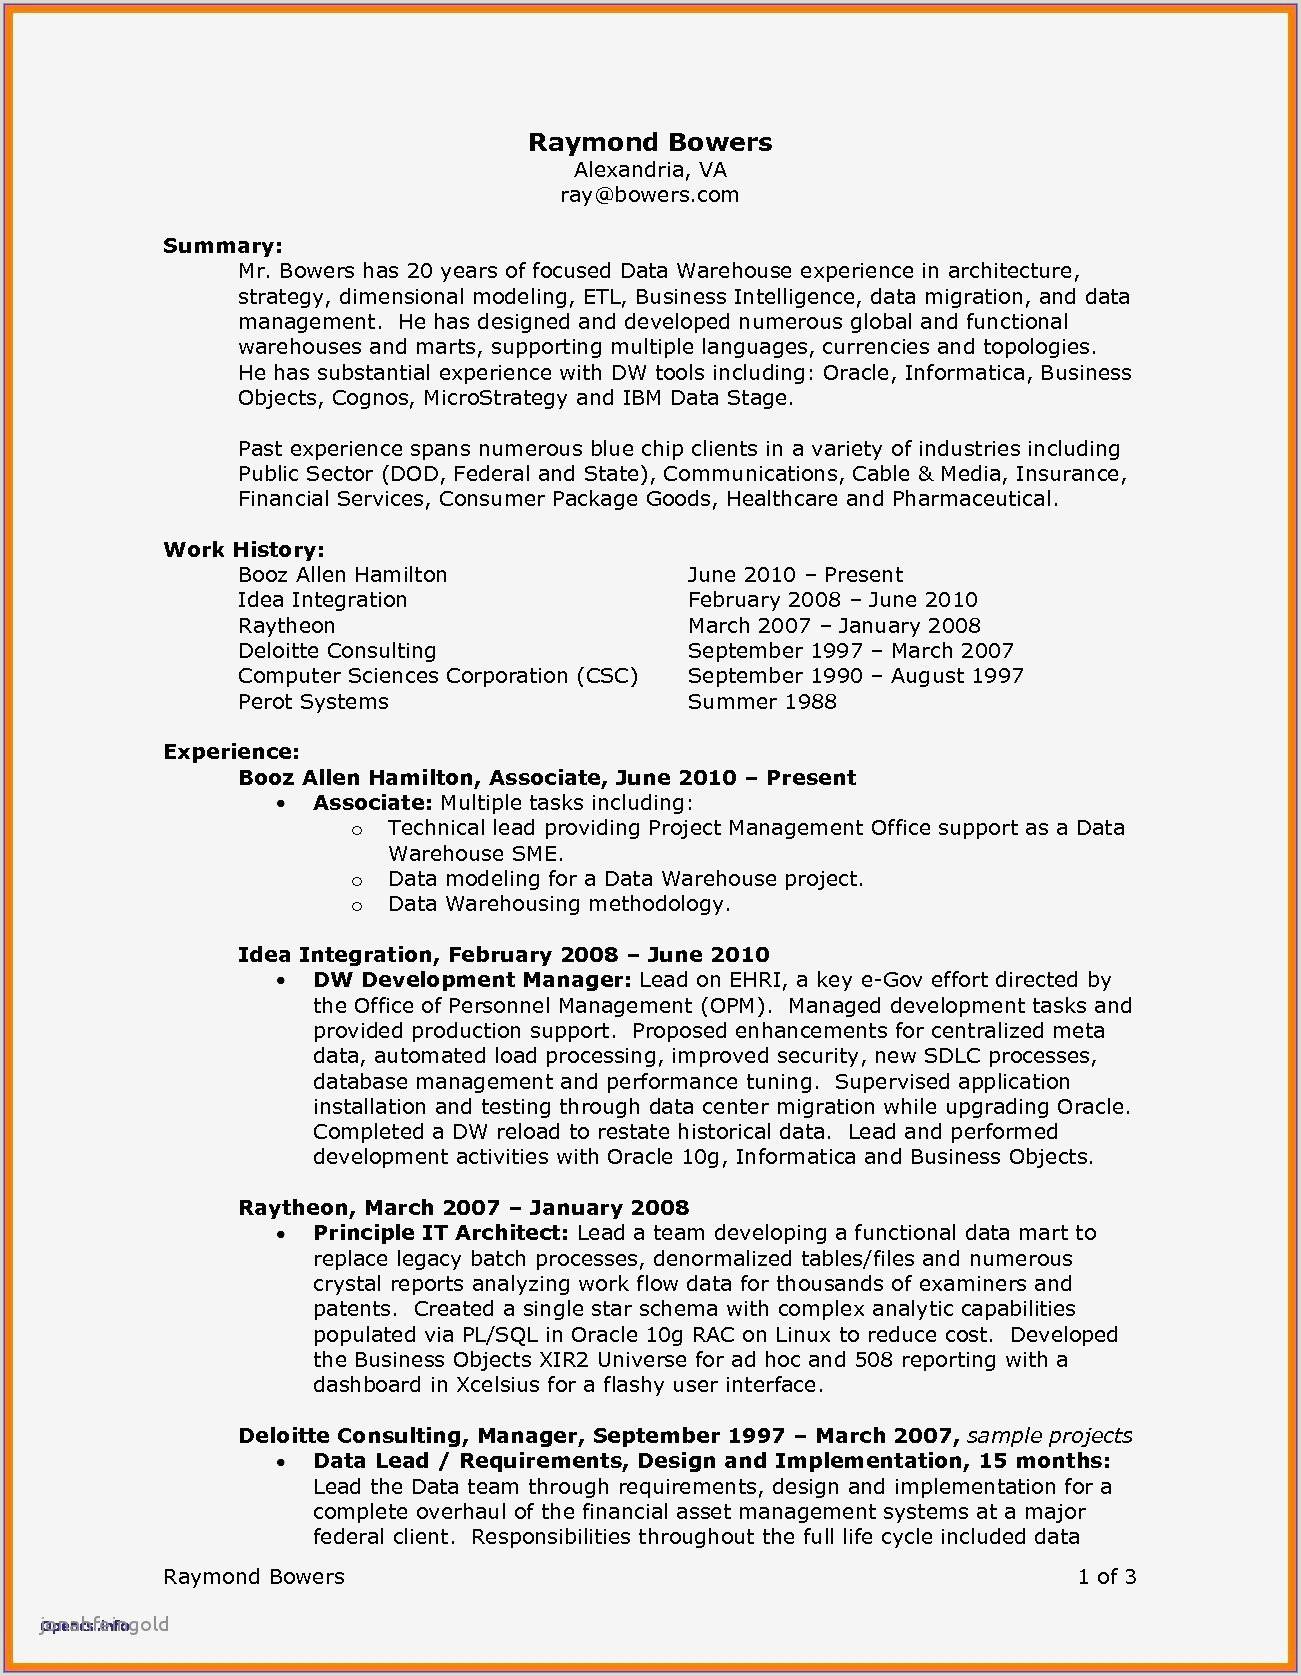 Resume for Web Developer Web Developer Cover Letter Reddit